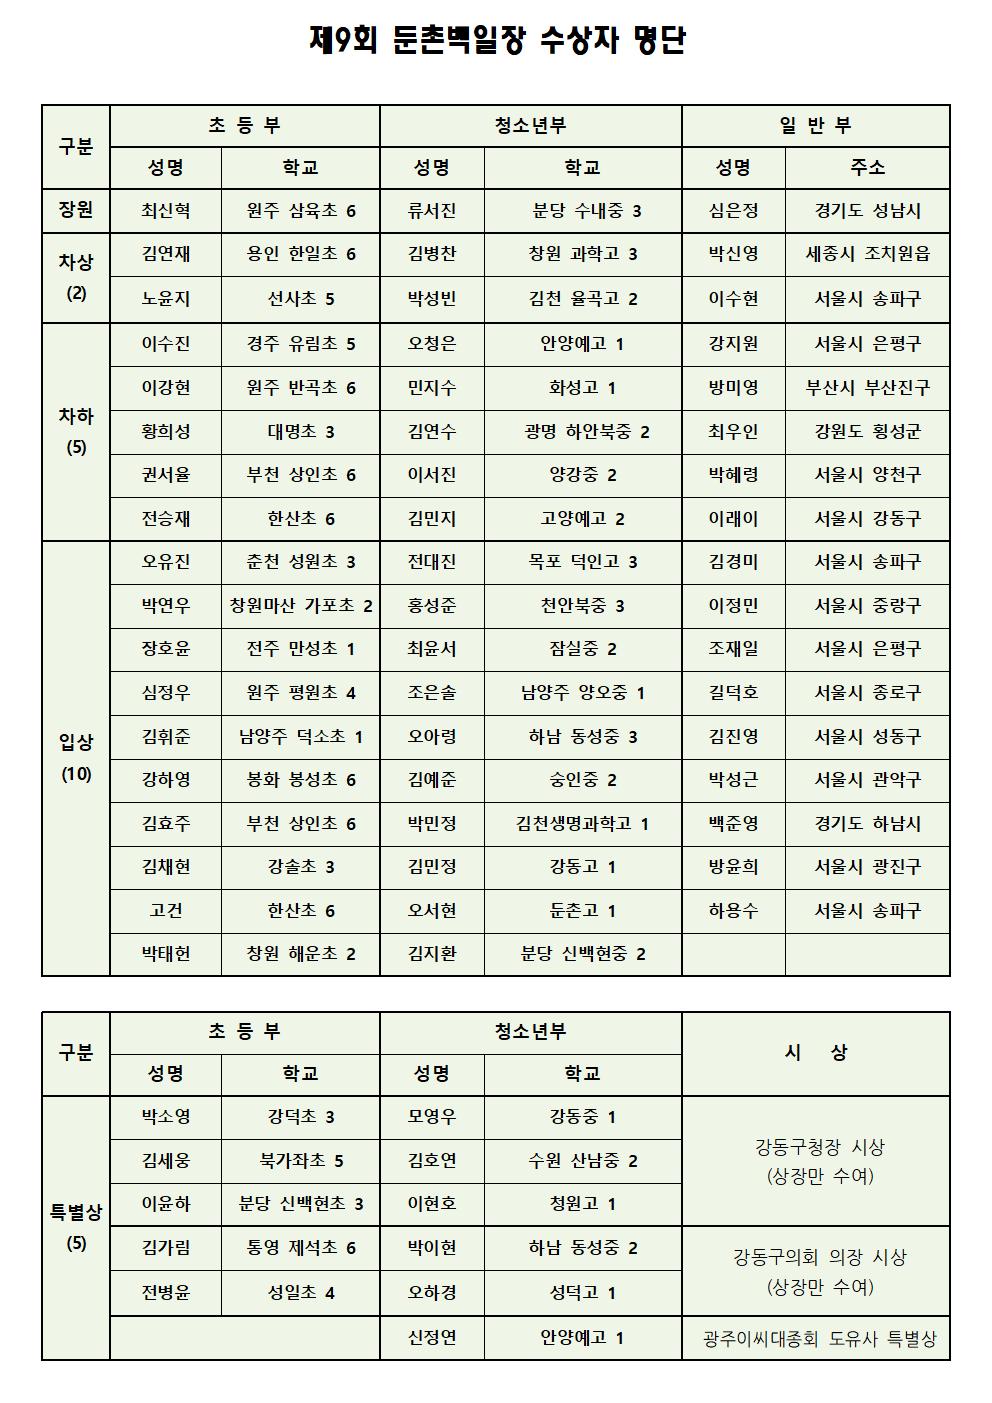 02_제9회 둔촌백일장 수상자 명단.png